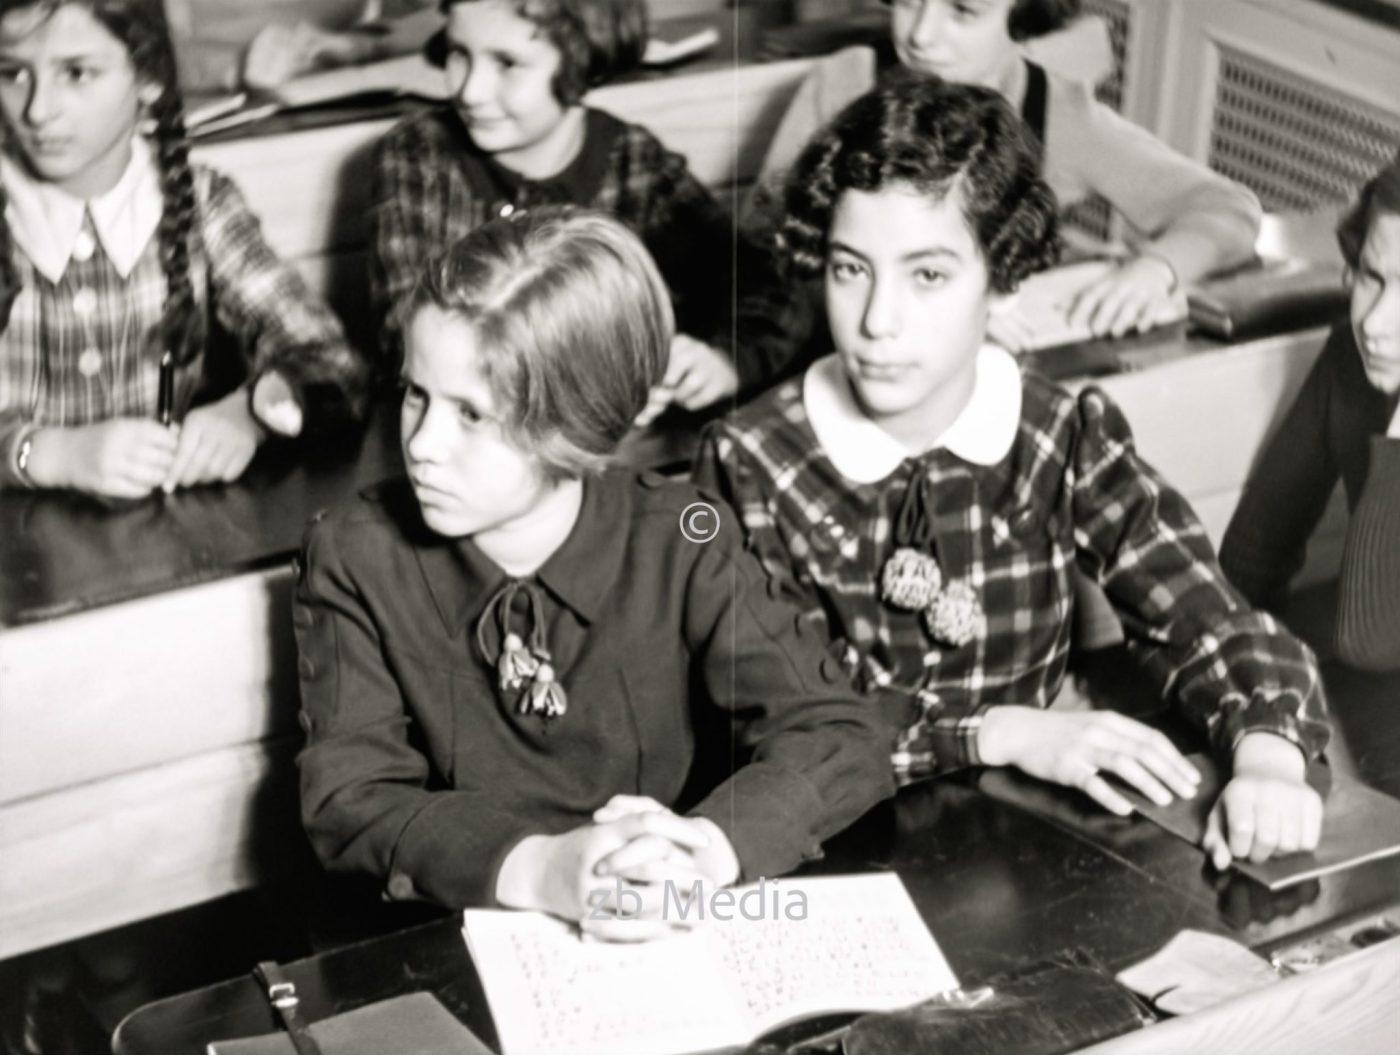 Schulklasse in der jüdischen Goldschmidtschule in Berlin 1937